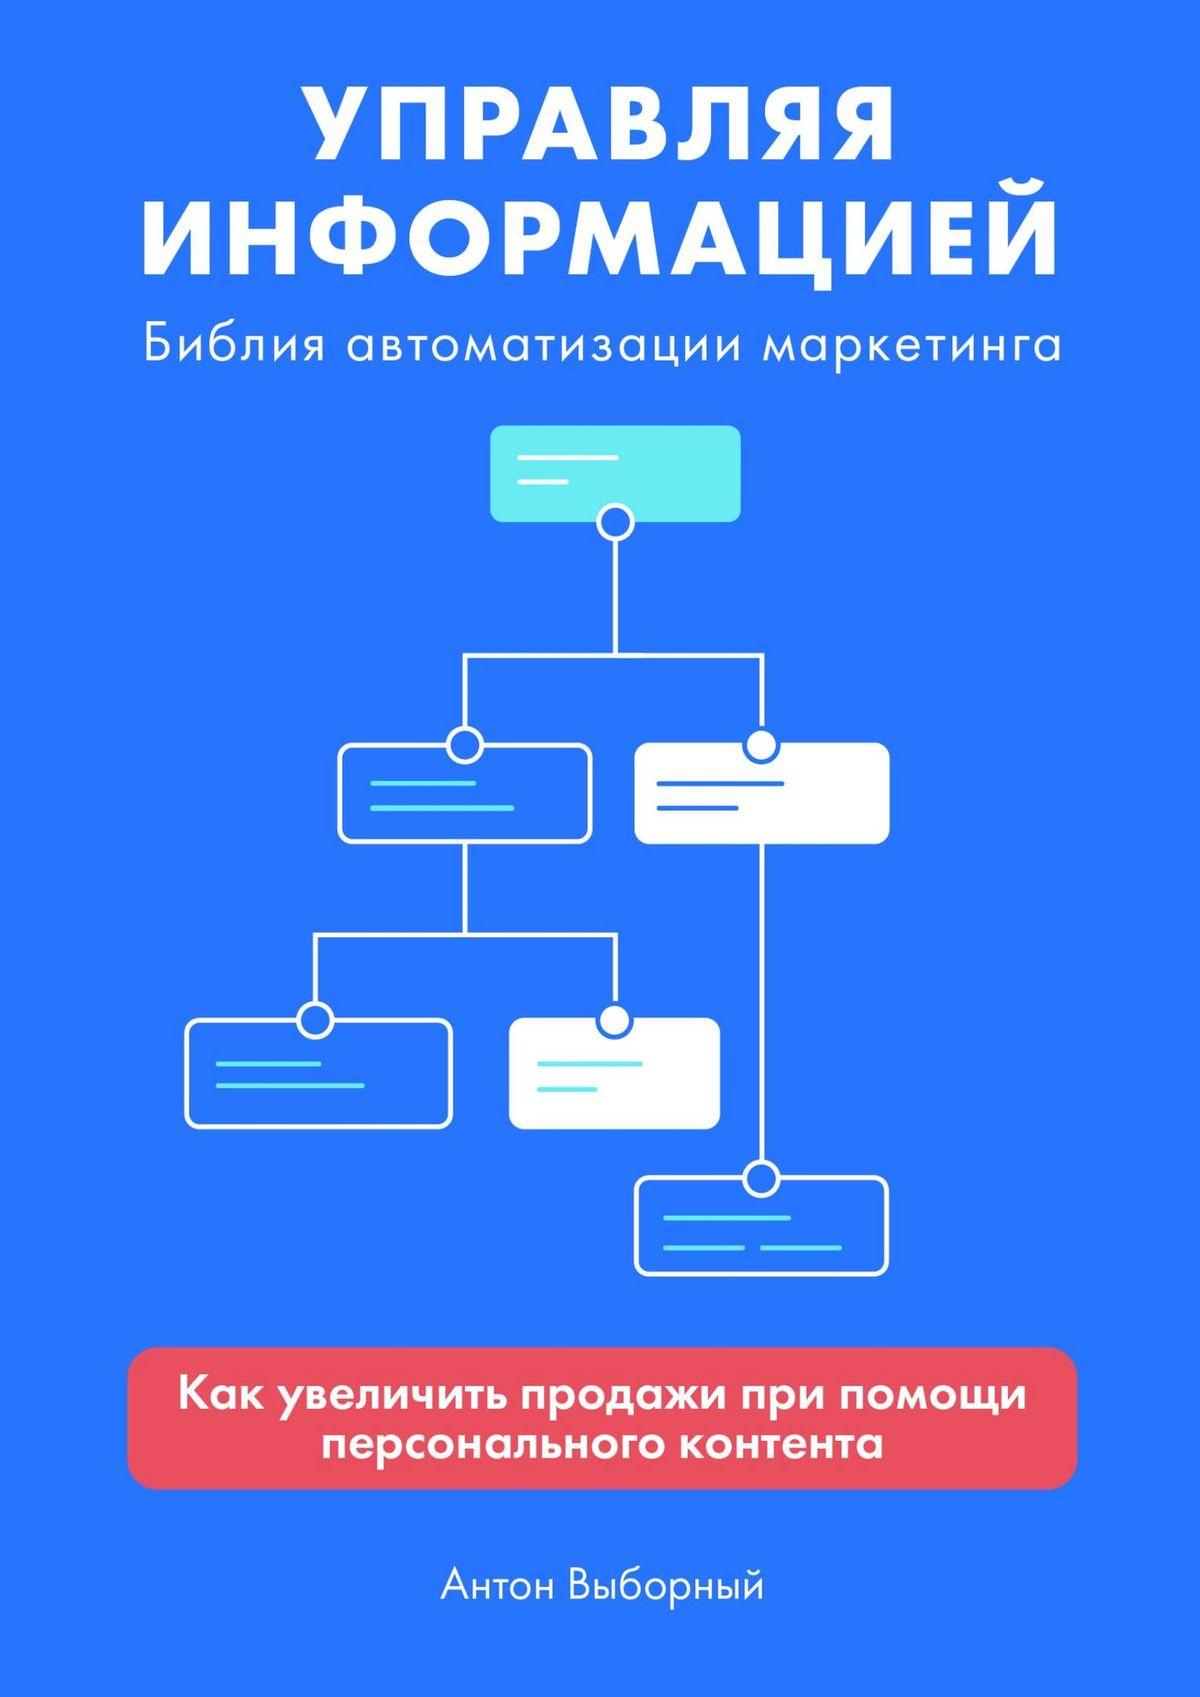 Обложка книги Управляя информацией